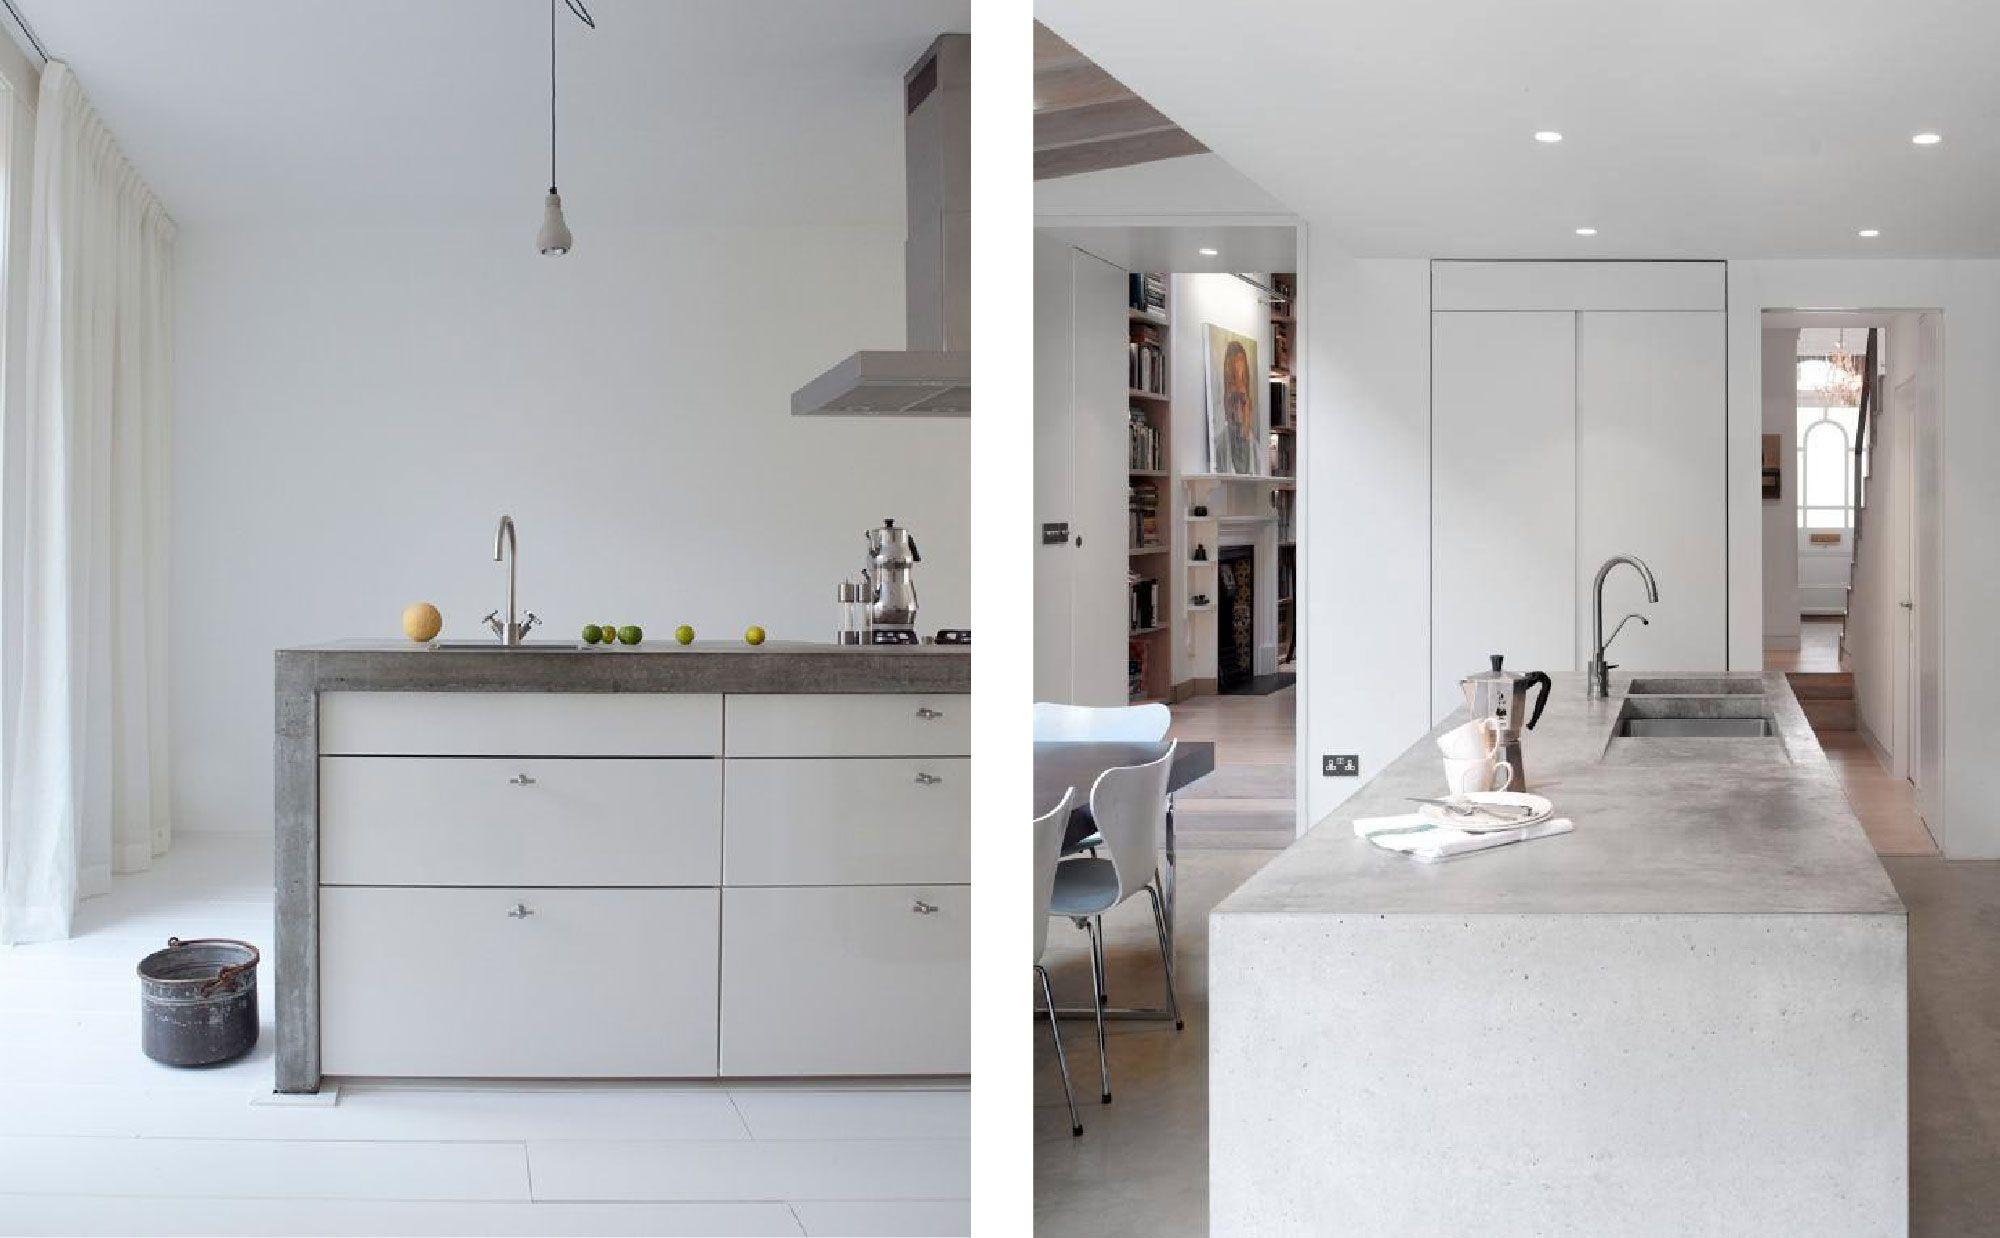 Betonstuc in de keuken keuken lofts and interiors